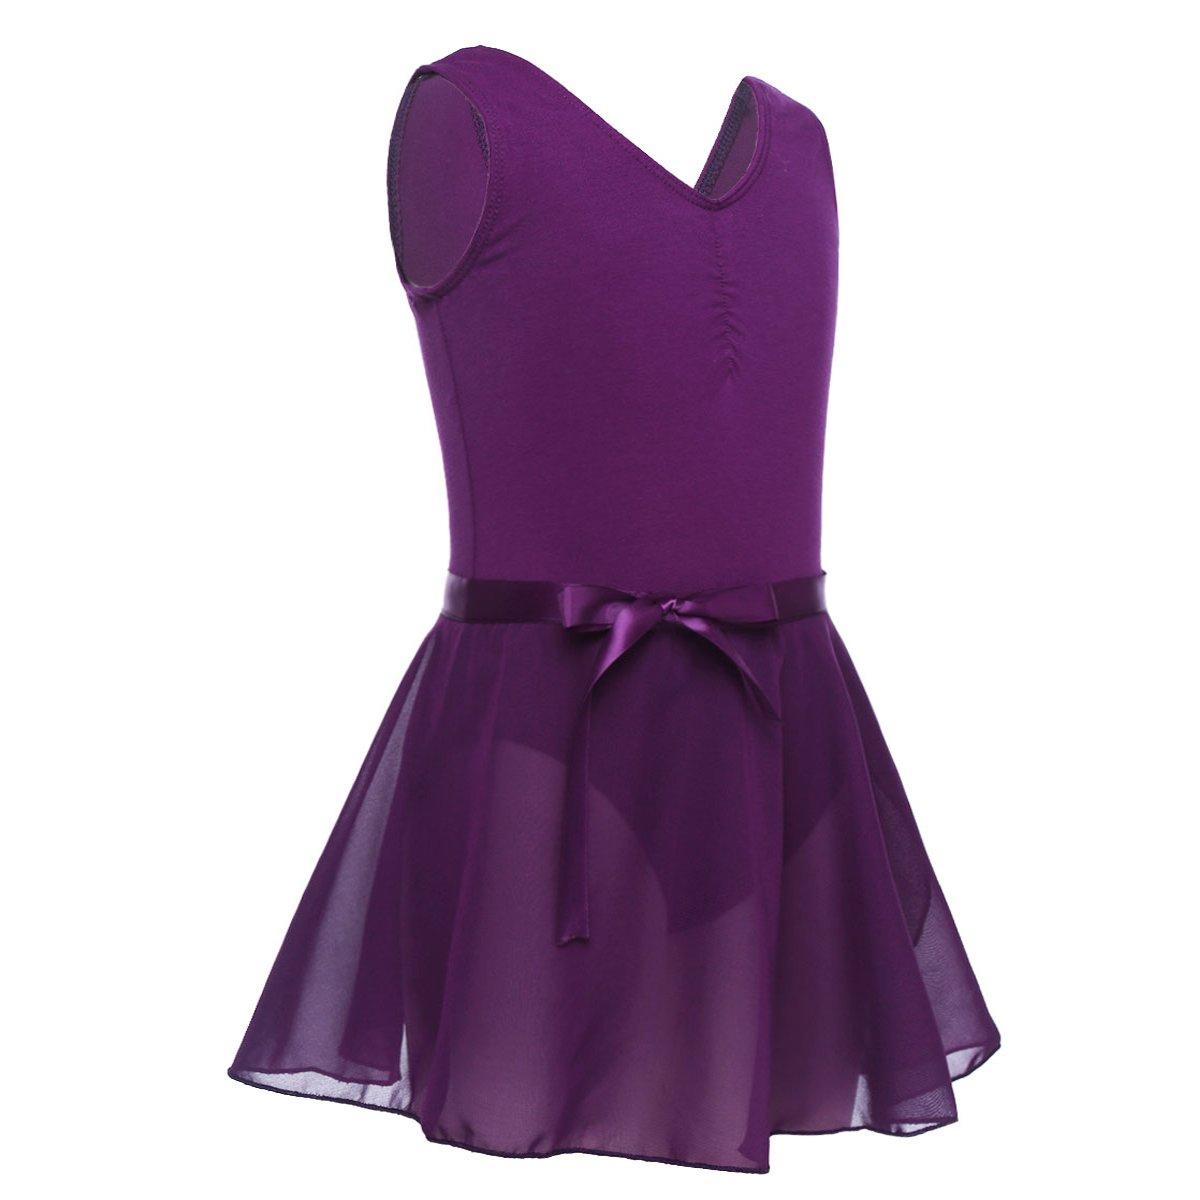 TiaoBug SOCKSHOSIERY ガールズ B07DWP9G8K 5/ B07DWP9G8K 6|Dark Purple(sleeveless) Dark/ Dark Purple(sleeveless) 43591, とっぷりさいくるモール:c97879a4 --- ijpba.info